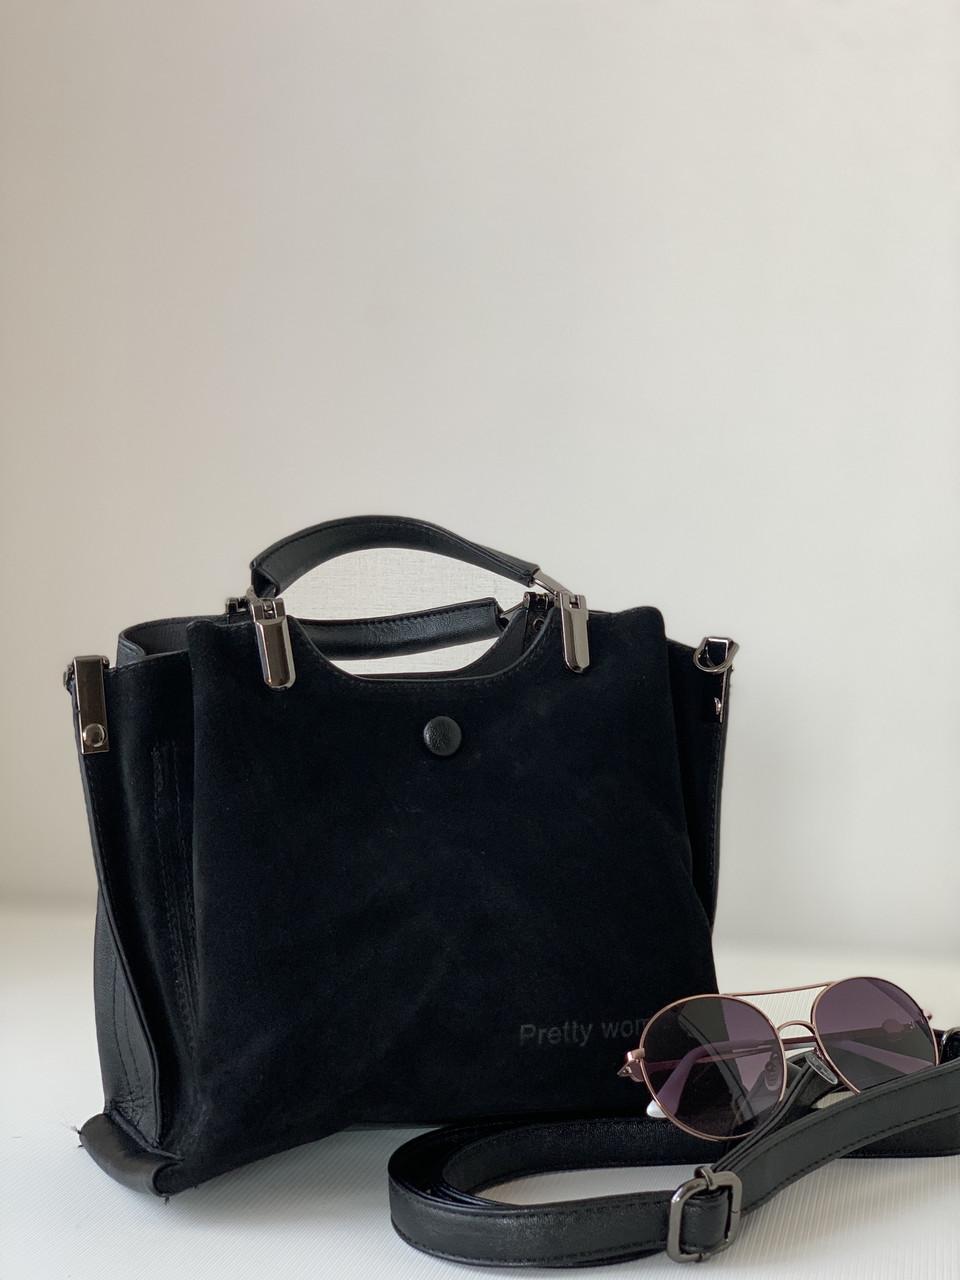 Маленькая черная замшевая сумочка классическая через плечо Pretty Woman